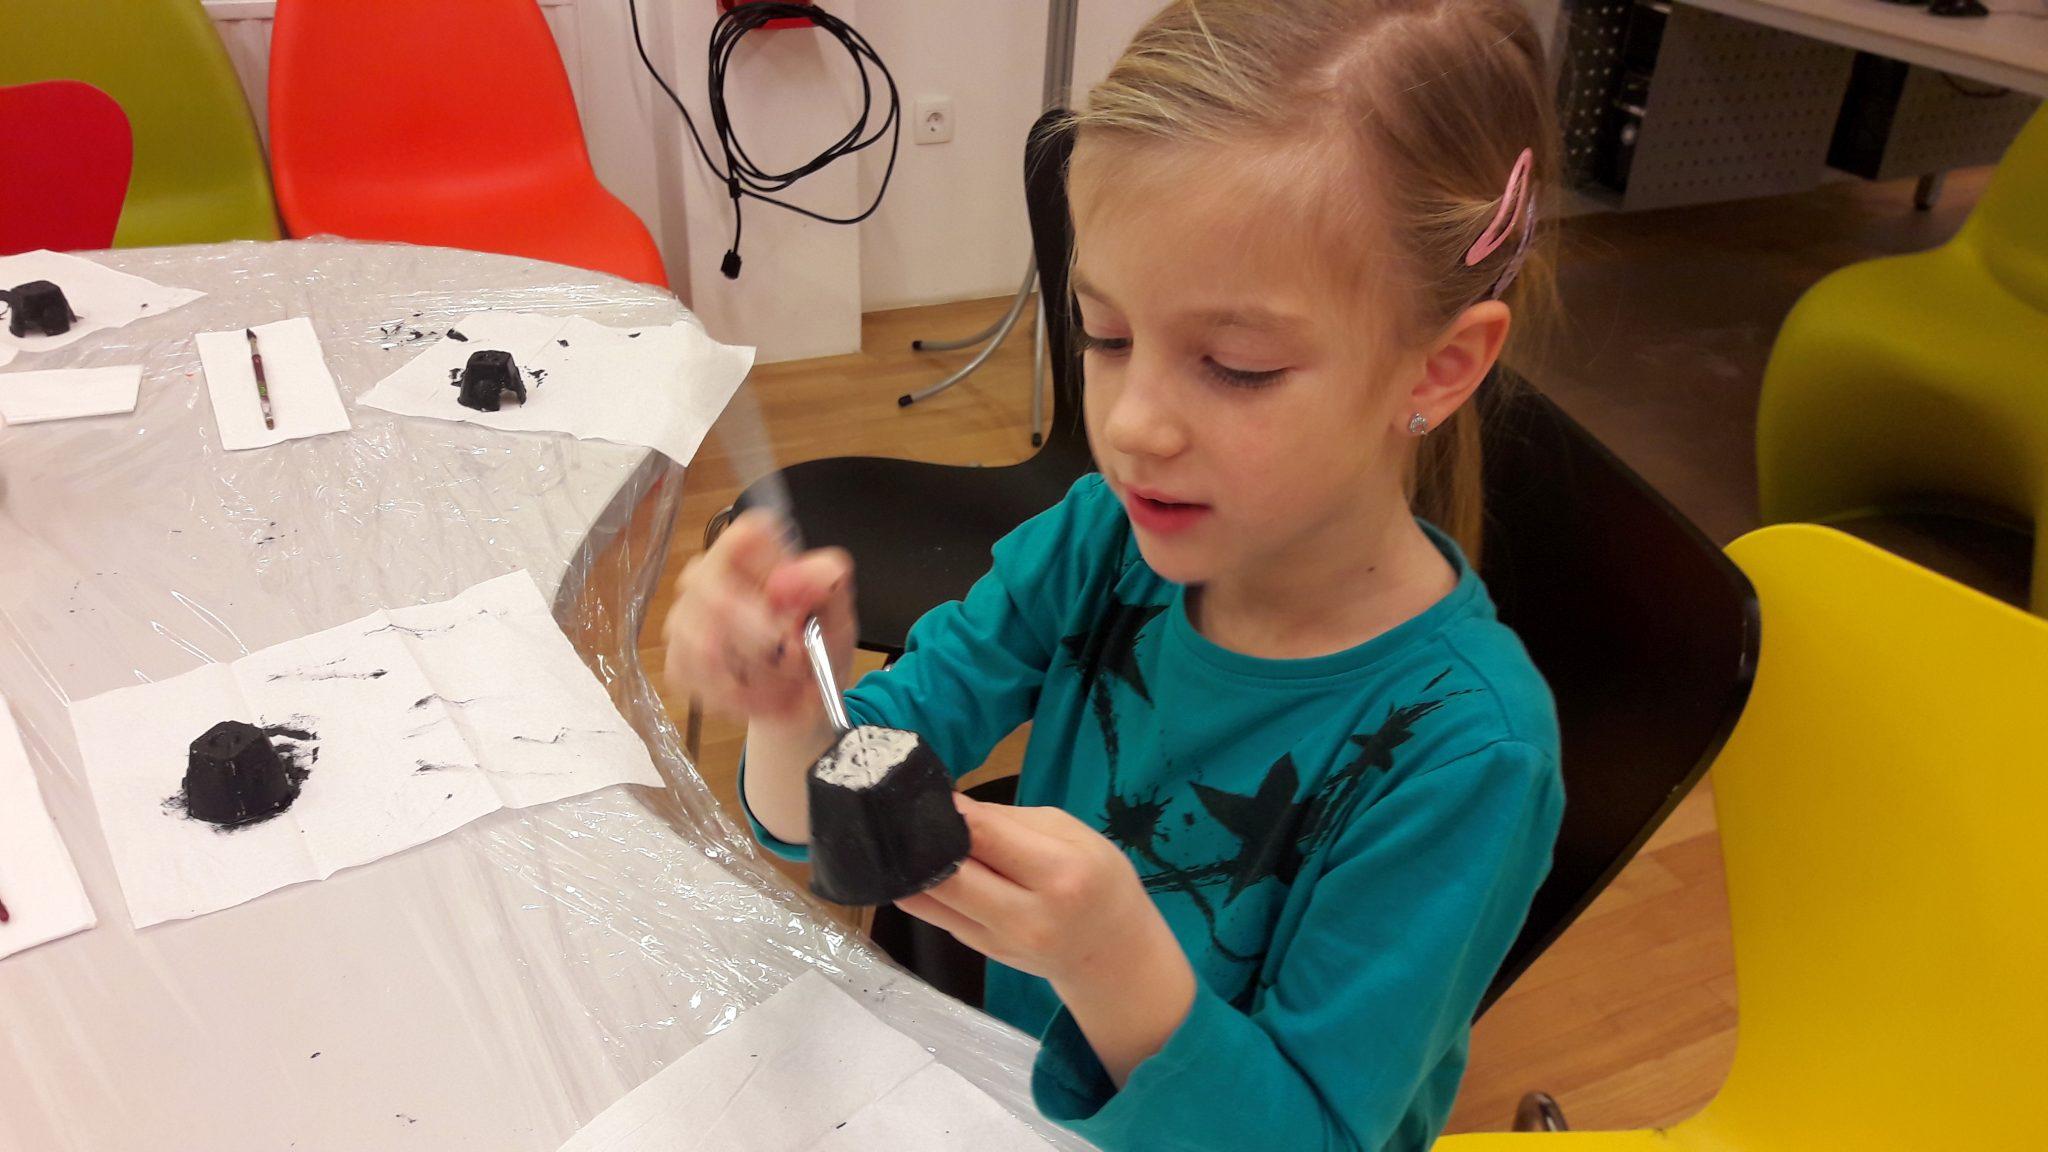 20170117 171815 - Pravljična urica z ustvarjalno delavnico za otroke od 4. leta dalje